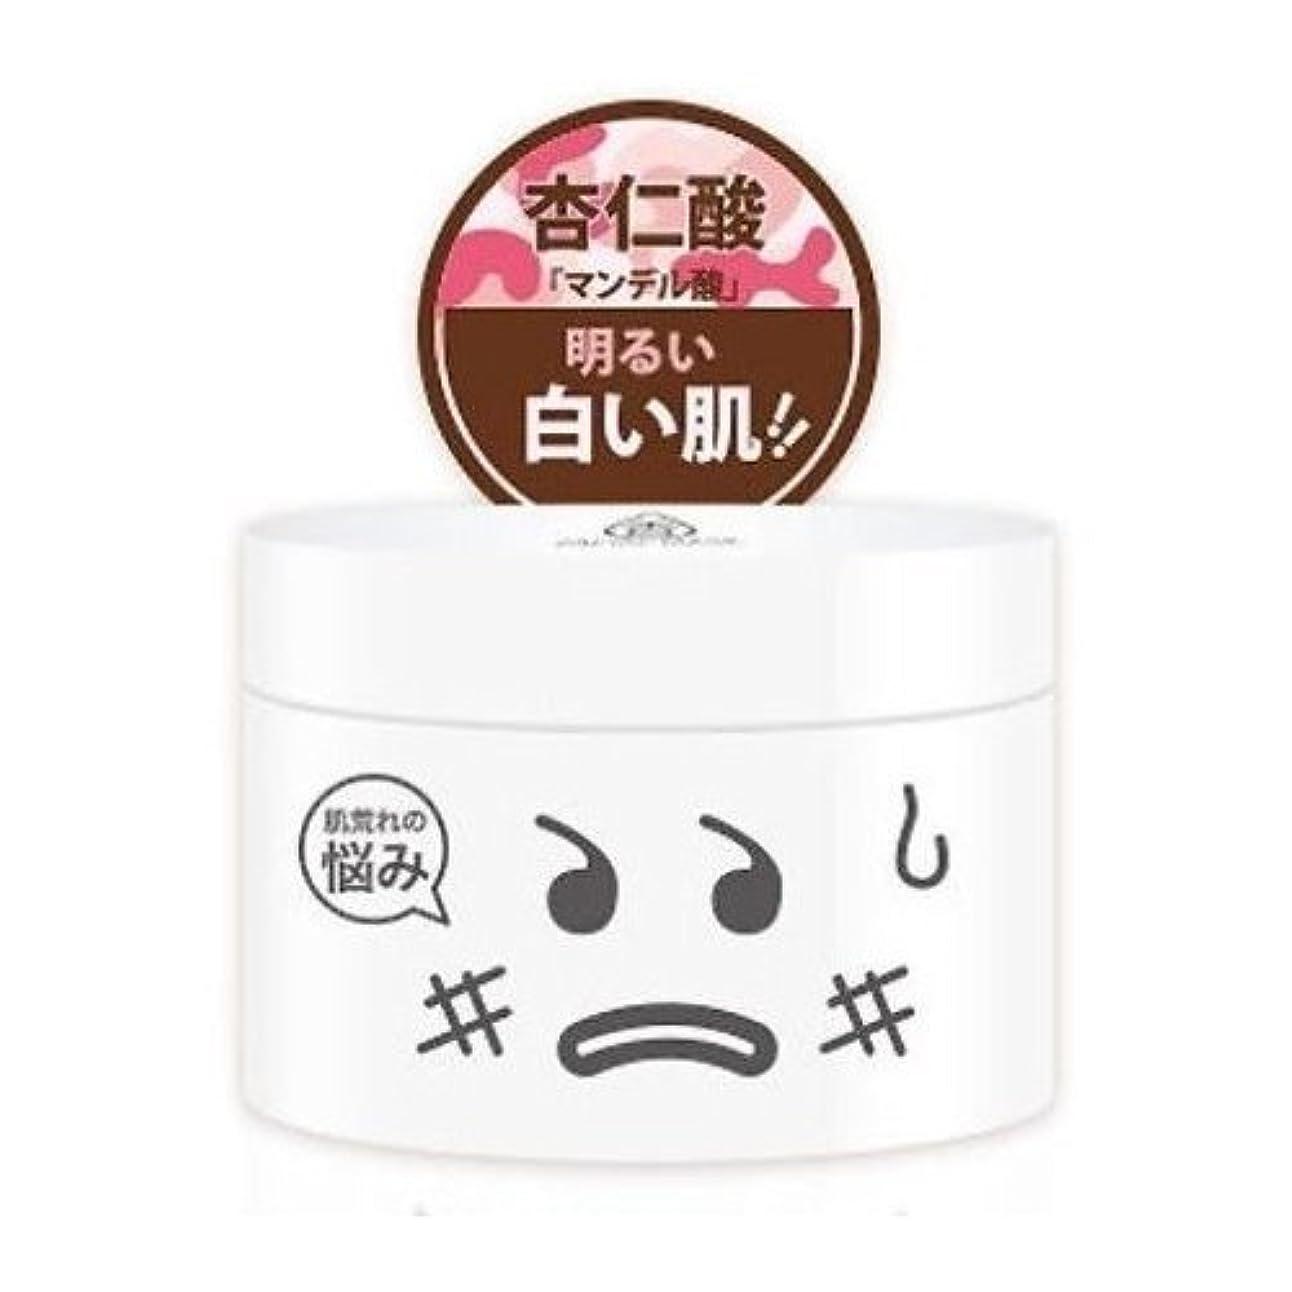 勘違いする不合格寺院Hanaka インテンシブリニューアルフェイシャルマスク 25%の125ミリリットル+ 15ミリリットルギフトexp 2015分の10